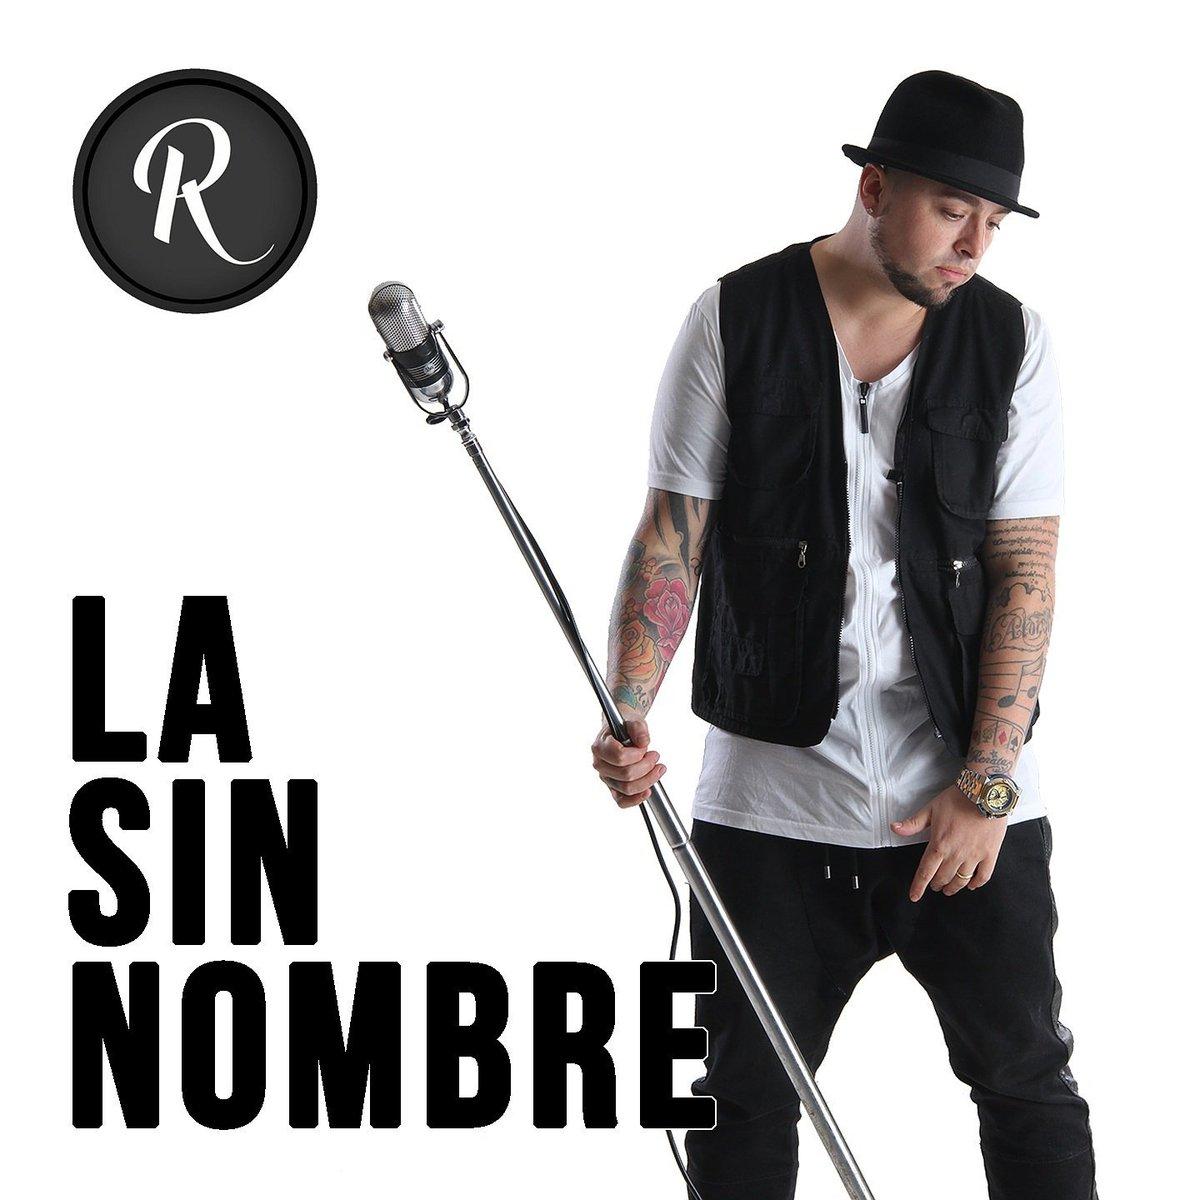 @RodriguezPancho hey panchito R dale un RT a tu hermano. https://t.co/16qlelClpn https://t.co/bJndsjHu4z